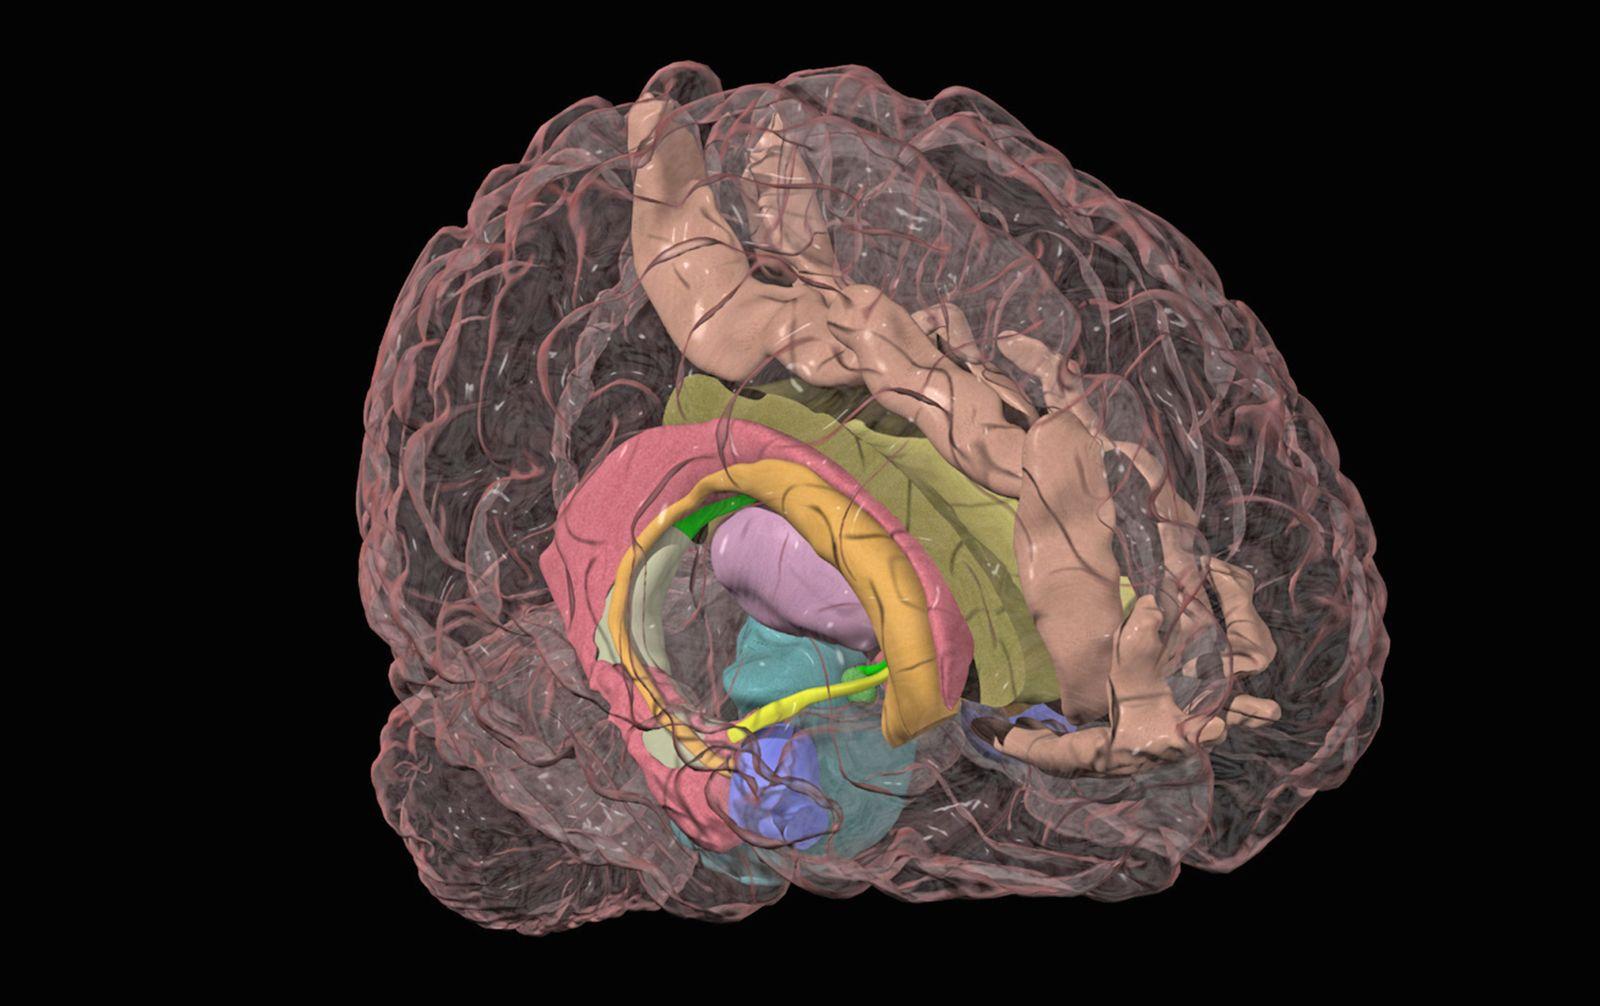 NICHT MEHR VERWENDEN! - Gehirn / Amygdala / Hirnforschung